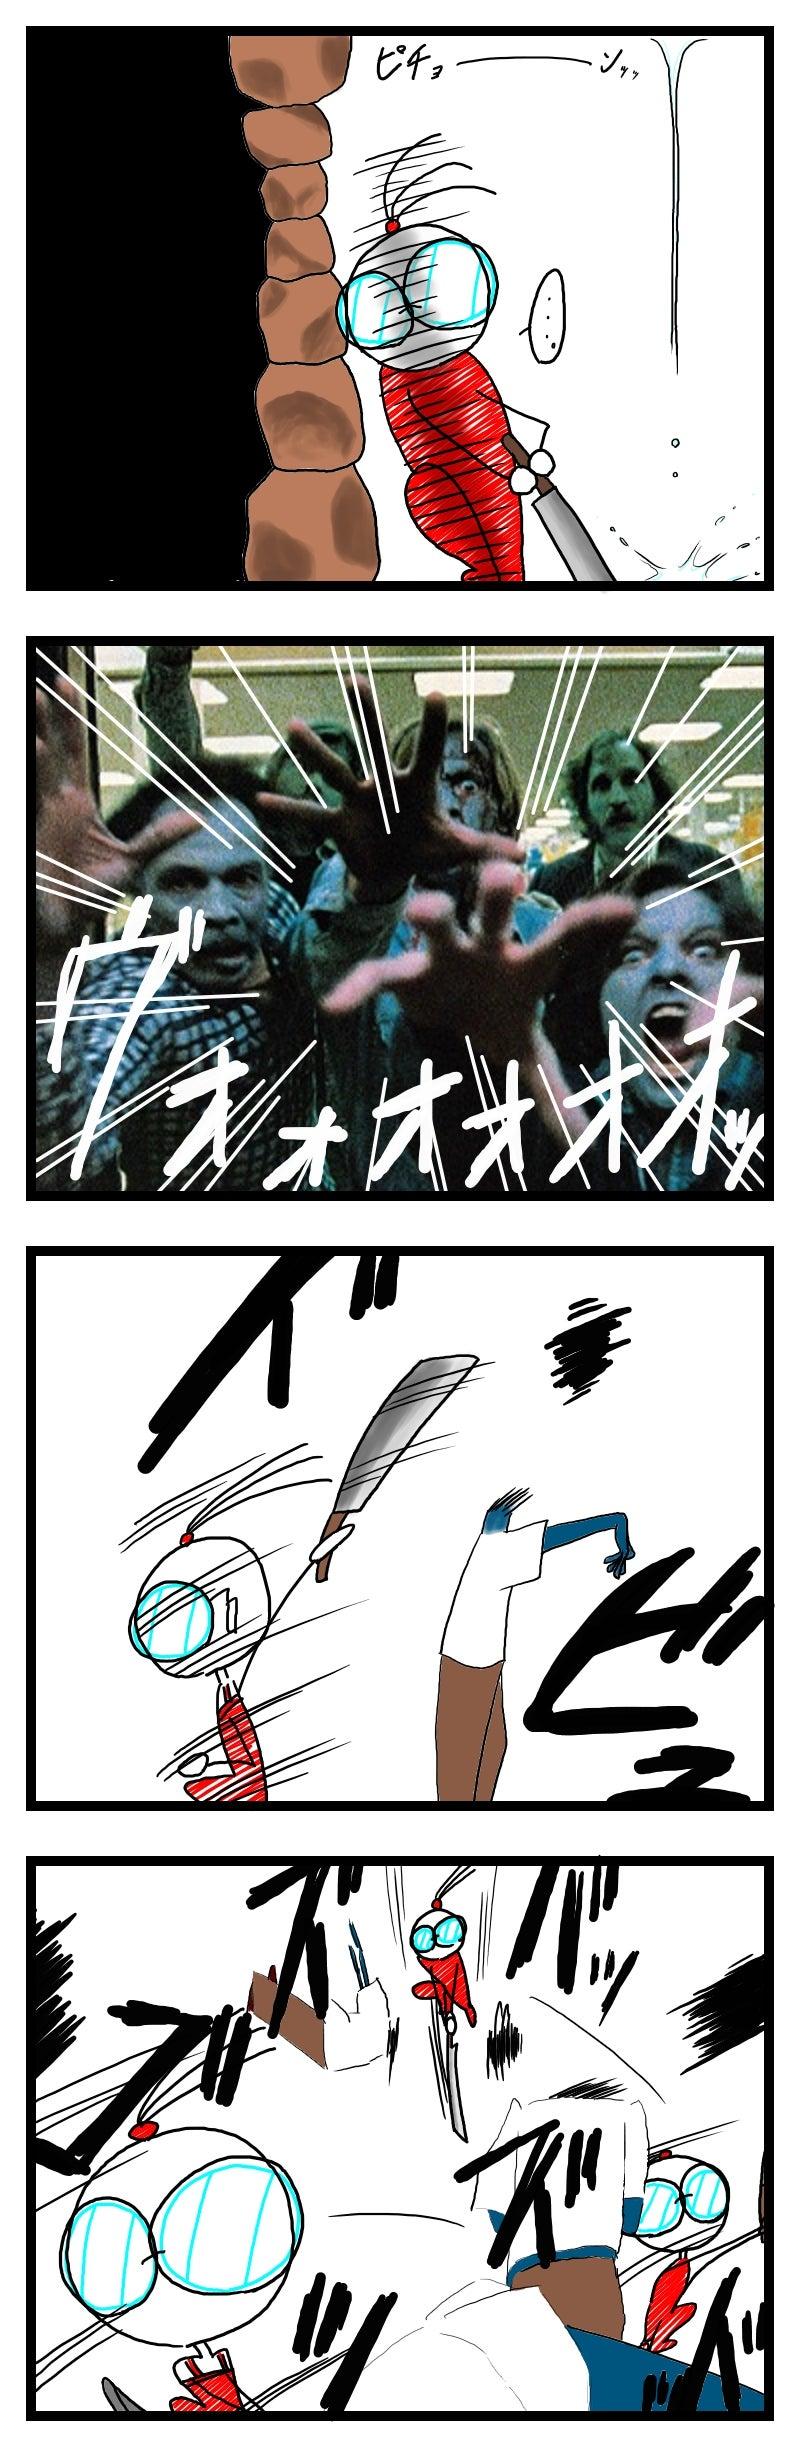 私の夢シリーズ~ゾンビ無双~(5コマ)   『拝啓、夫が捕まり ...